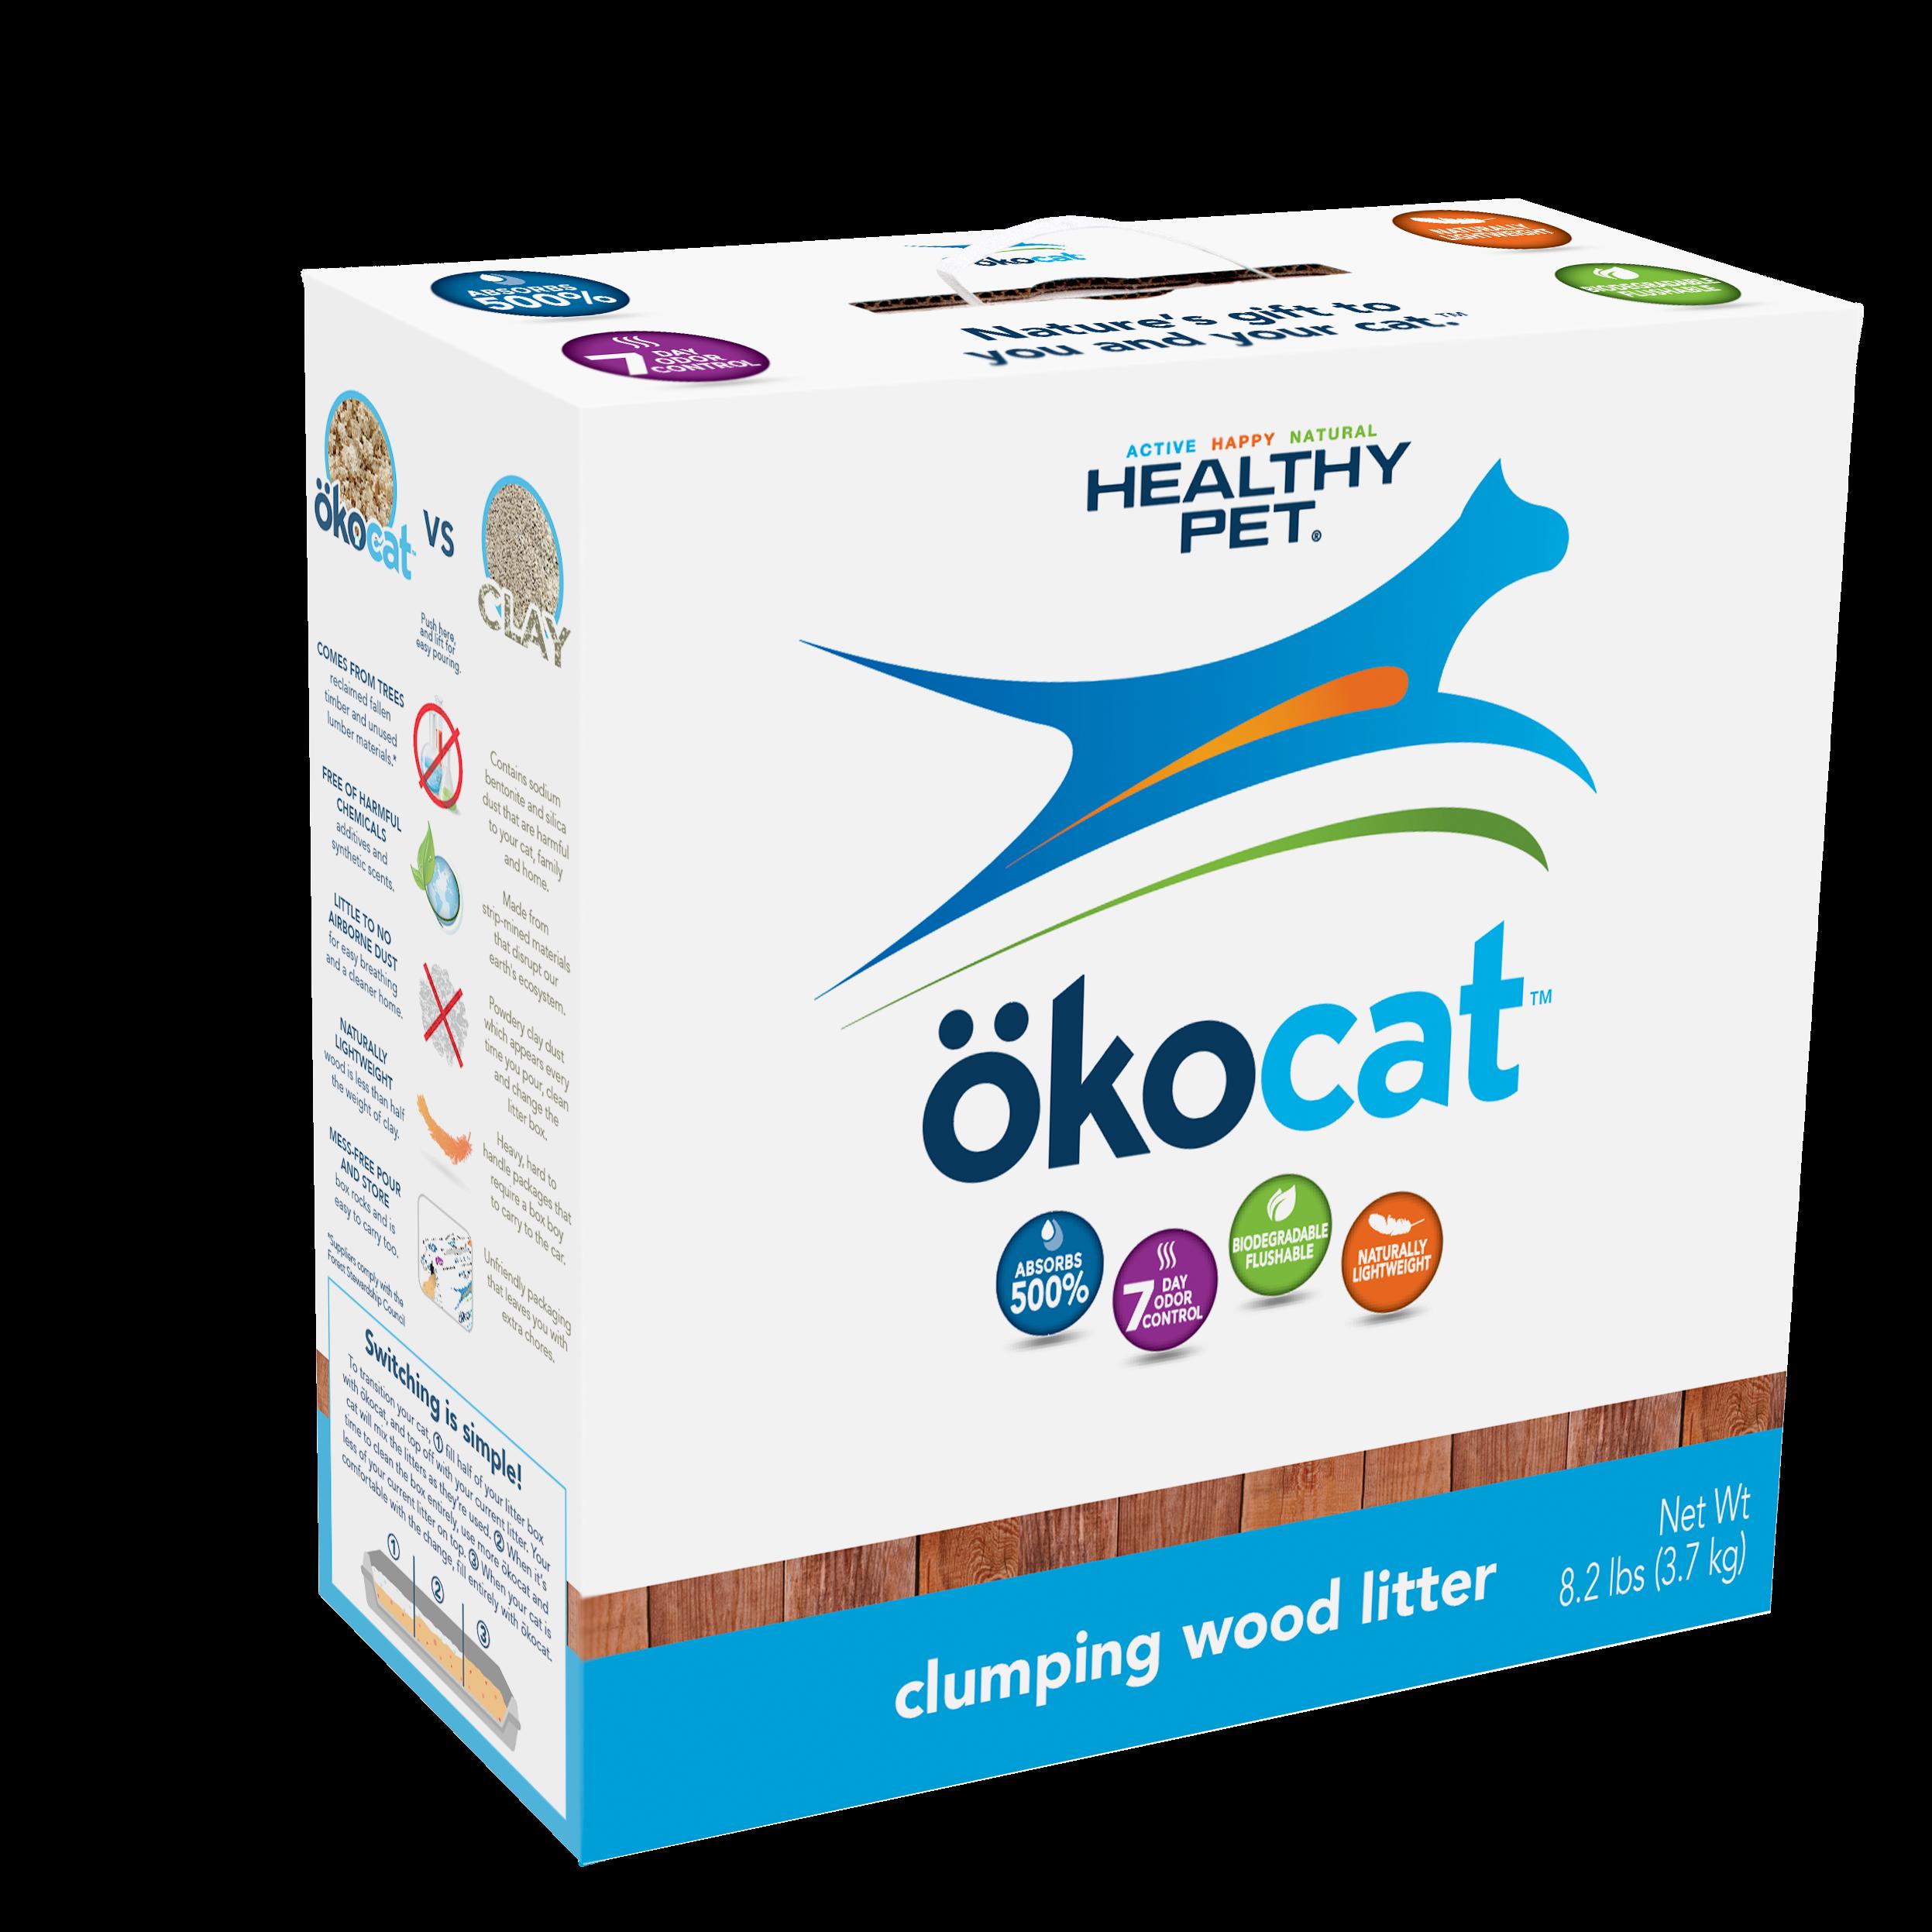 Okocat Clumping Wood Cat Litter, 7.5-lb